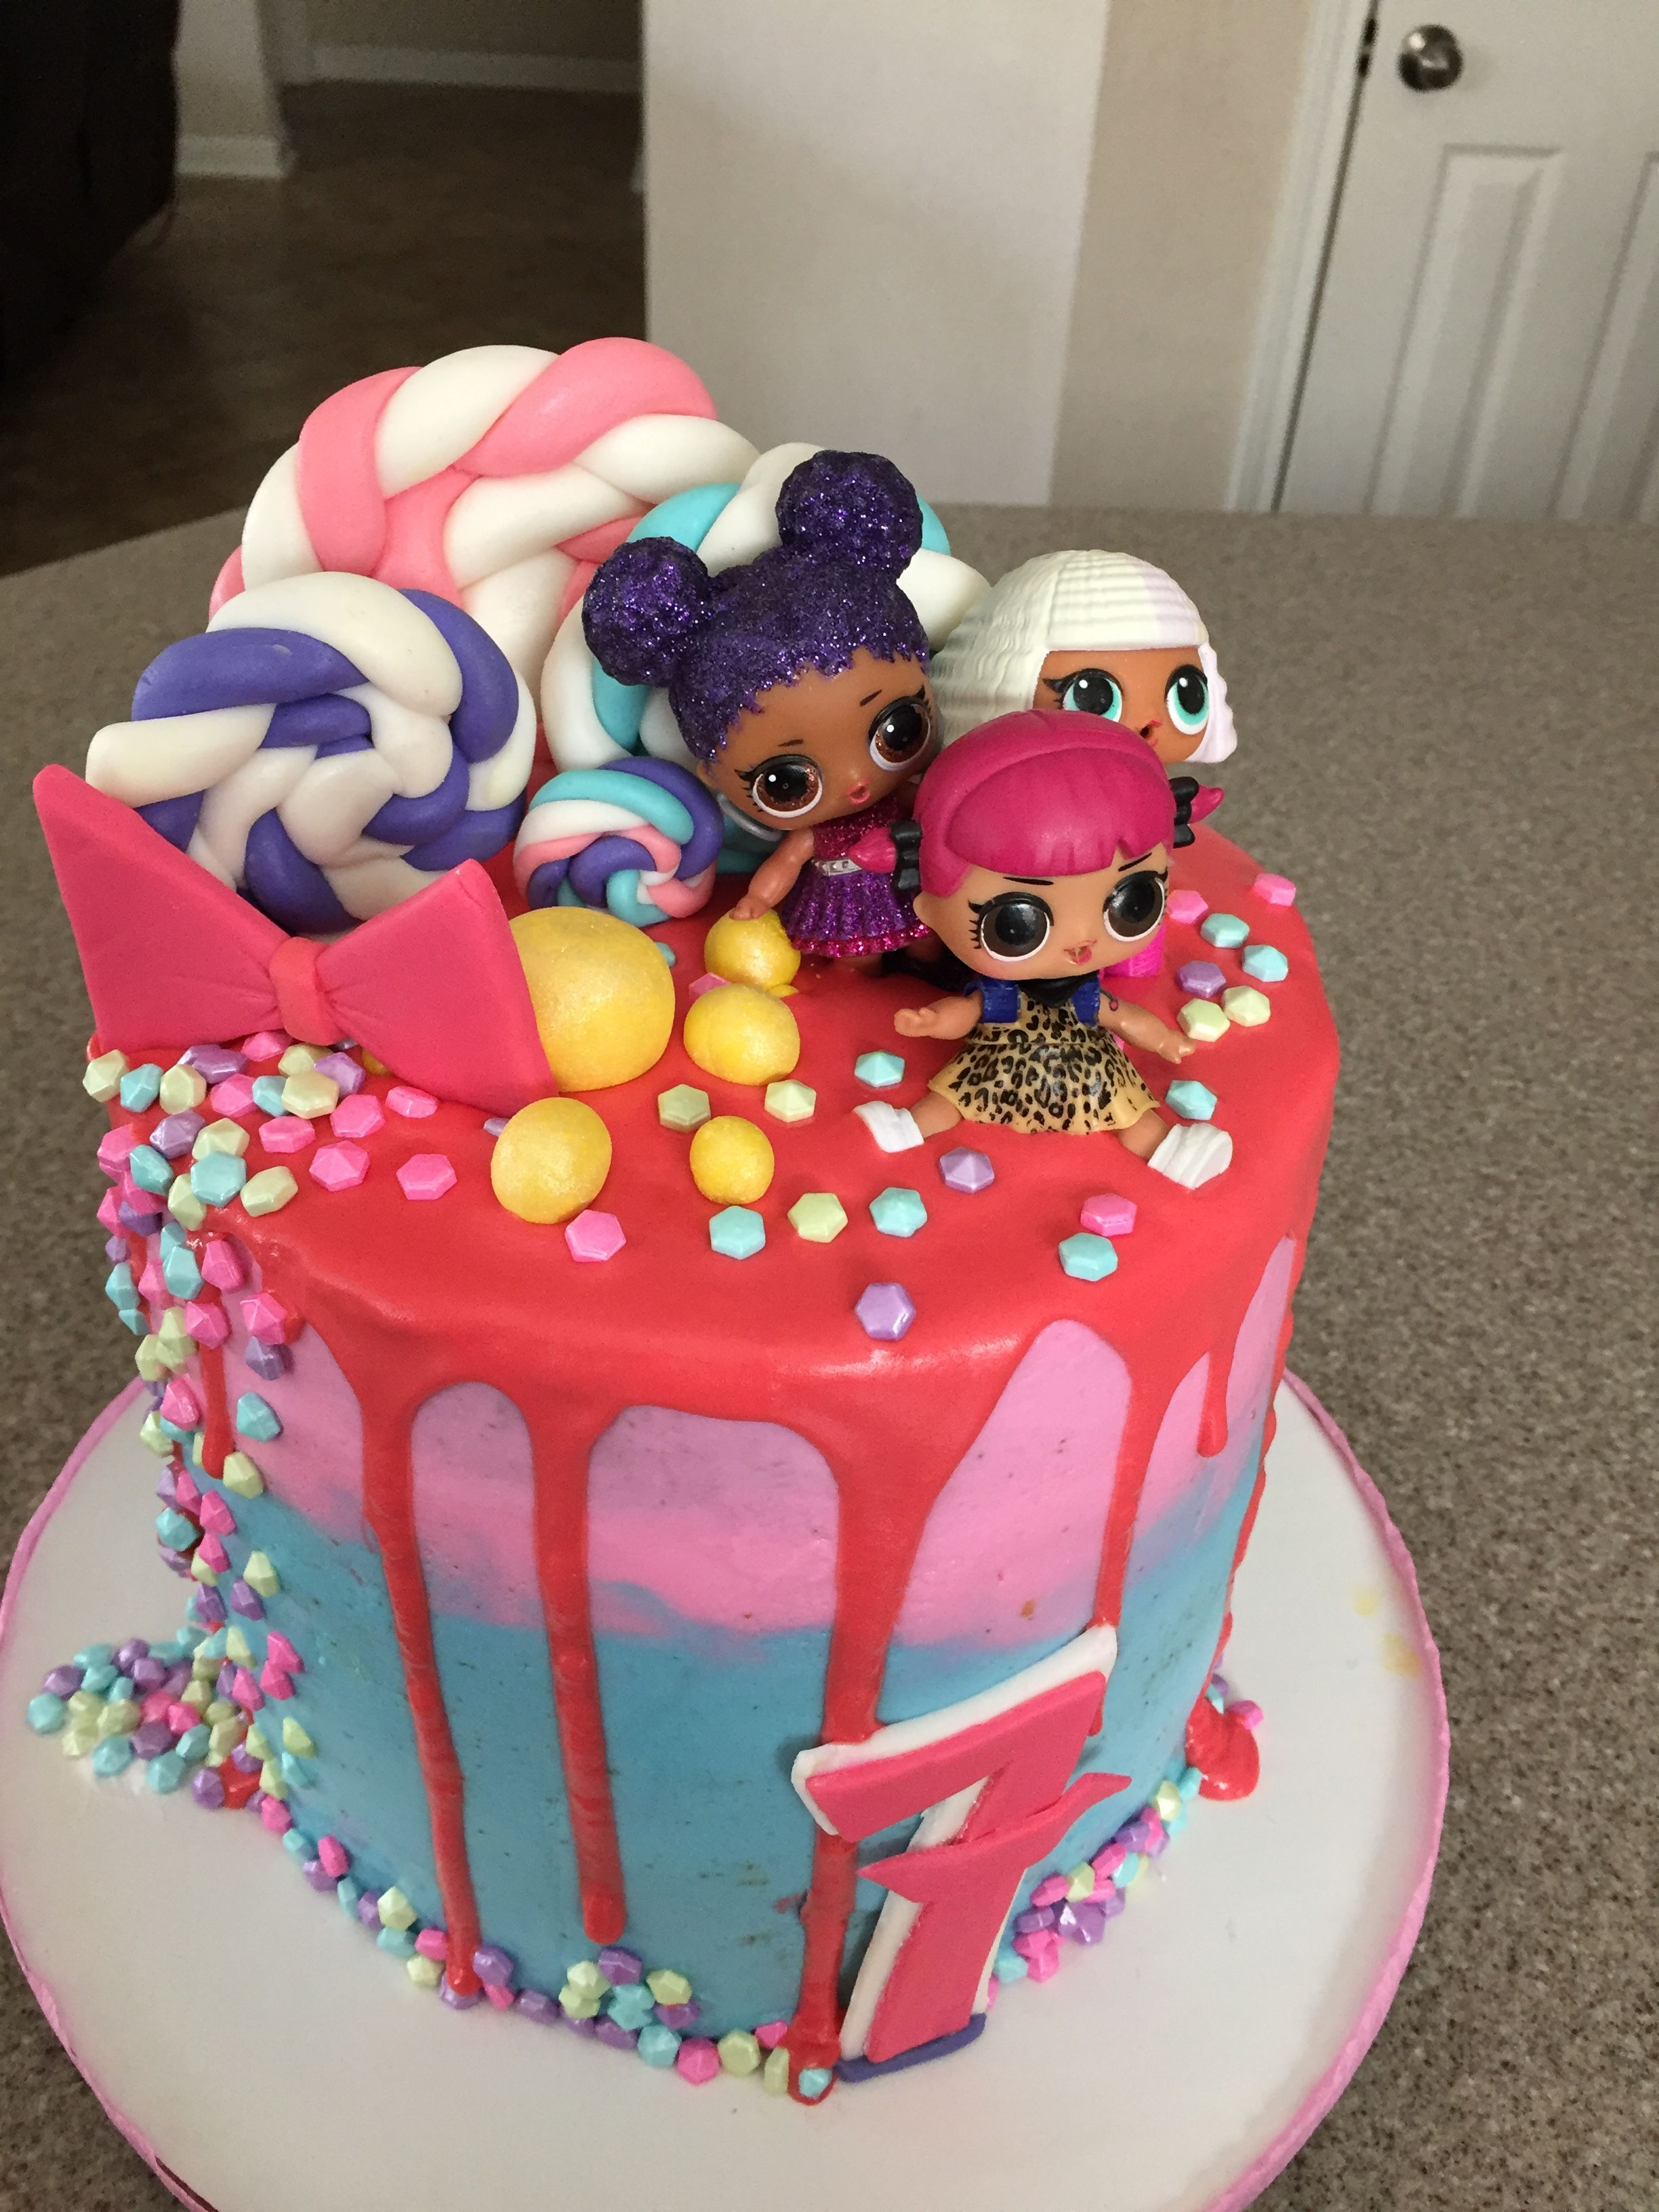 Lol Surprise Doll Cake Drip Cake Pink Birthday Cake Girl